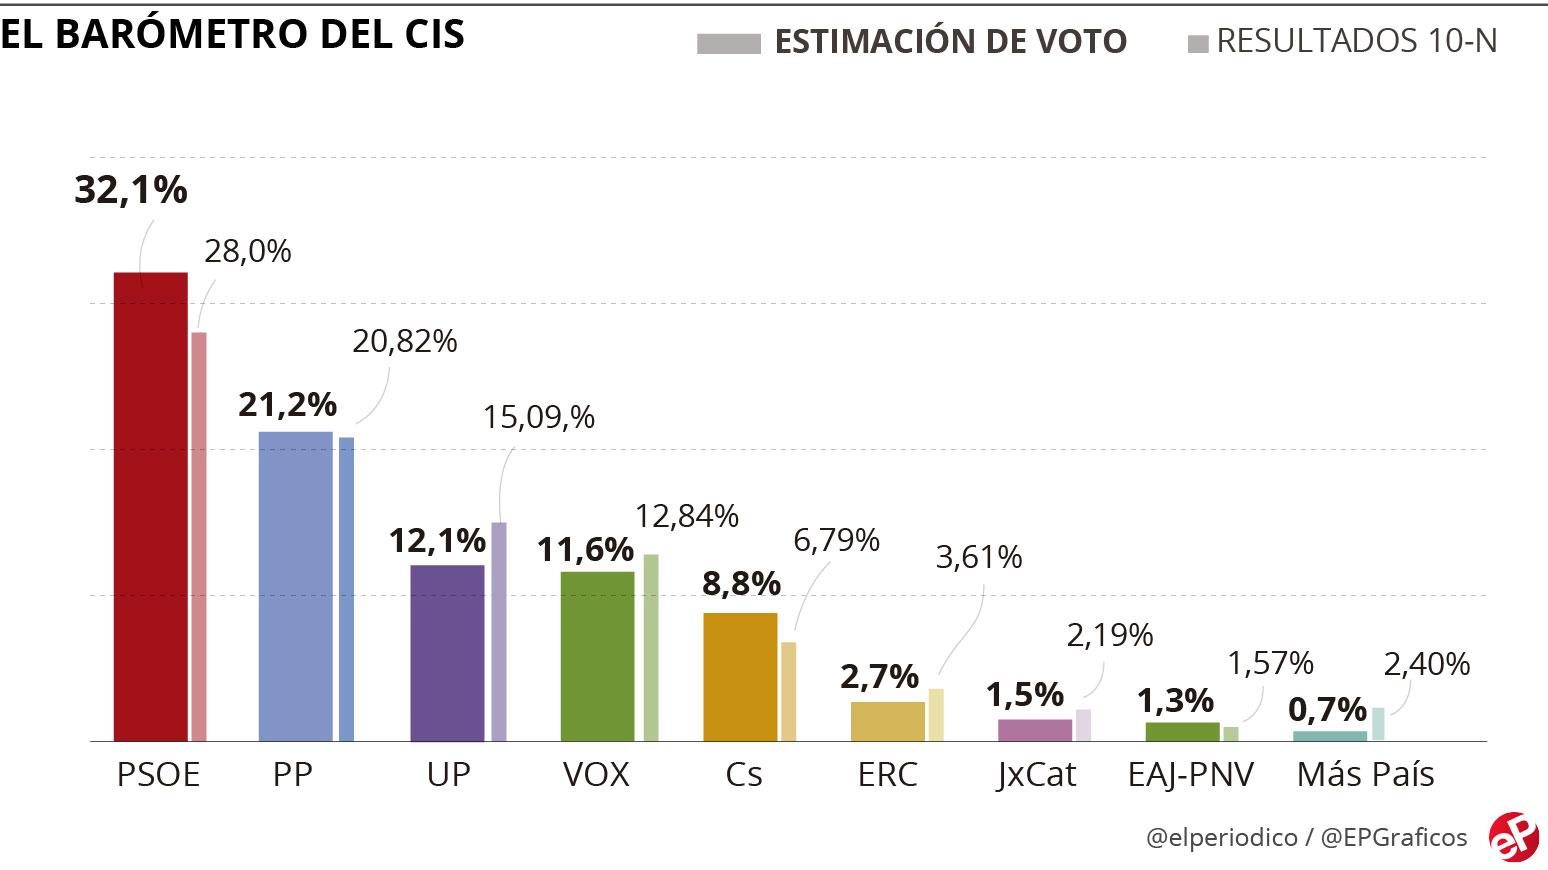 Encuesta CIS: El PSOE mantiene 11 puntos de ventaja sobre el PP tras el estado de alarma